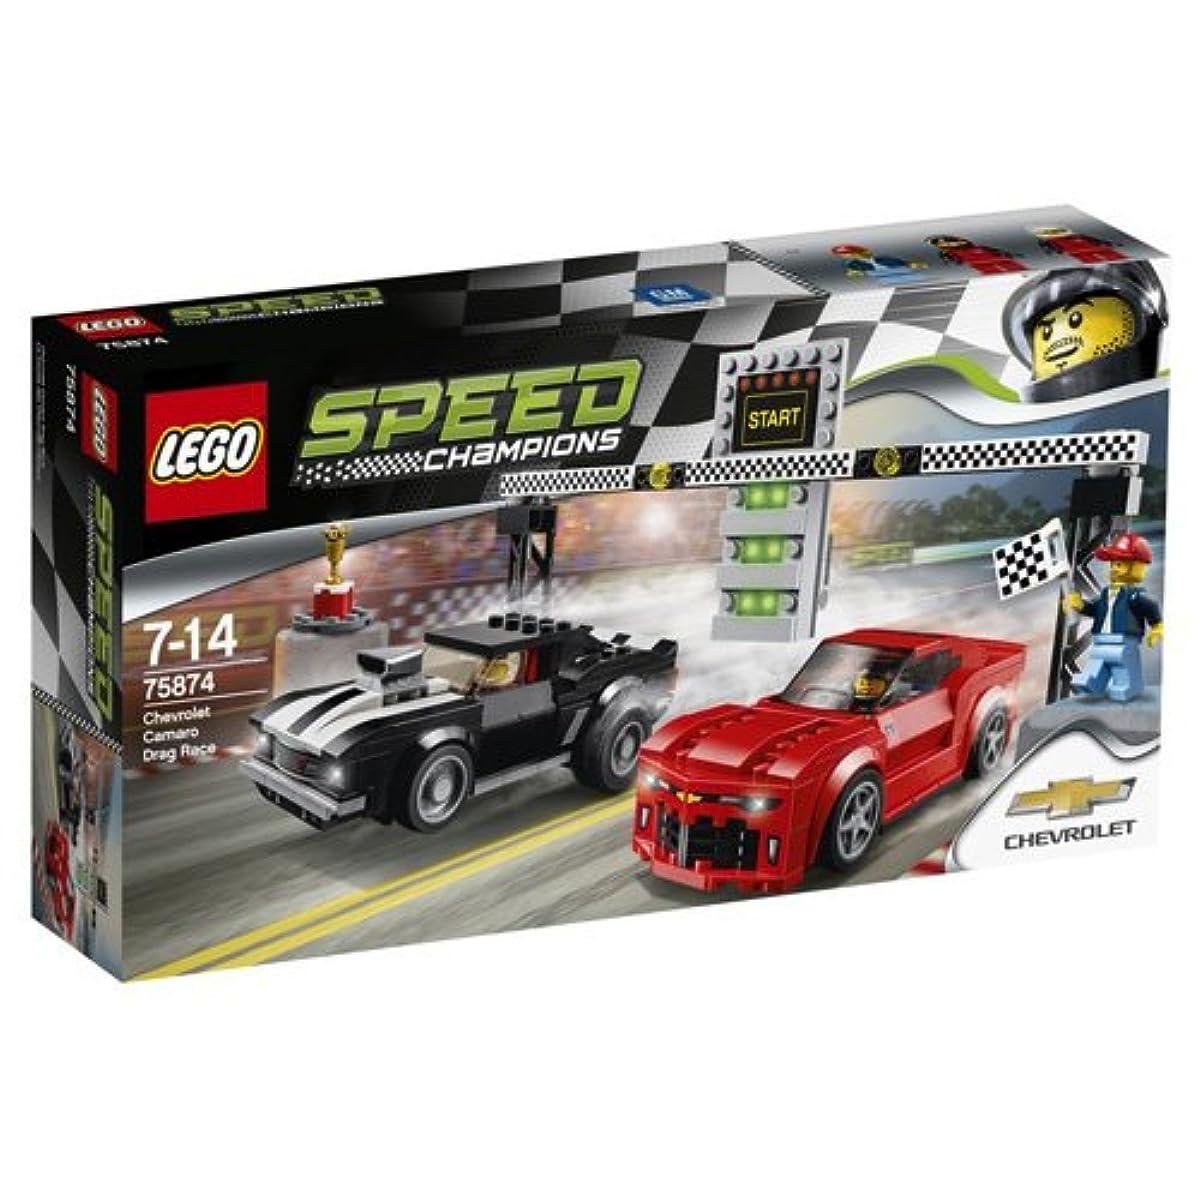 [해외] 레고 (LEGO) 스피드 챔피언 시보레 카마로 드래그 레이스 75874-75874 (2016-03-04)